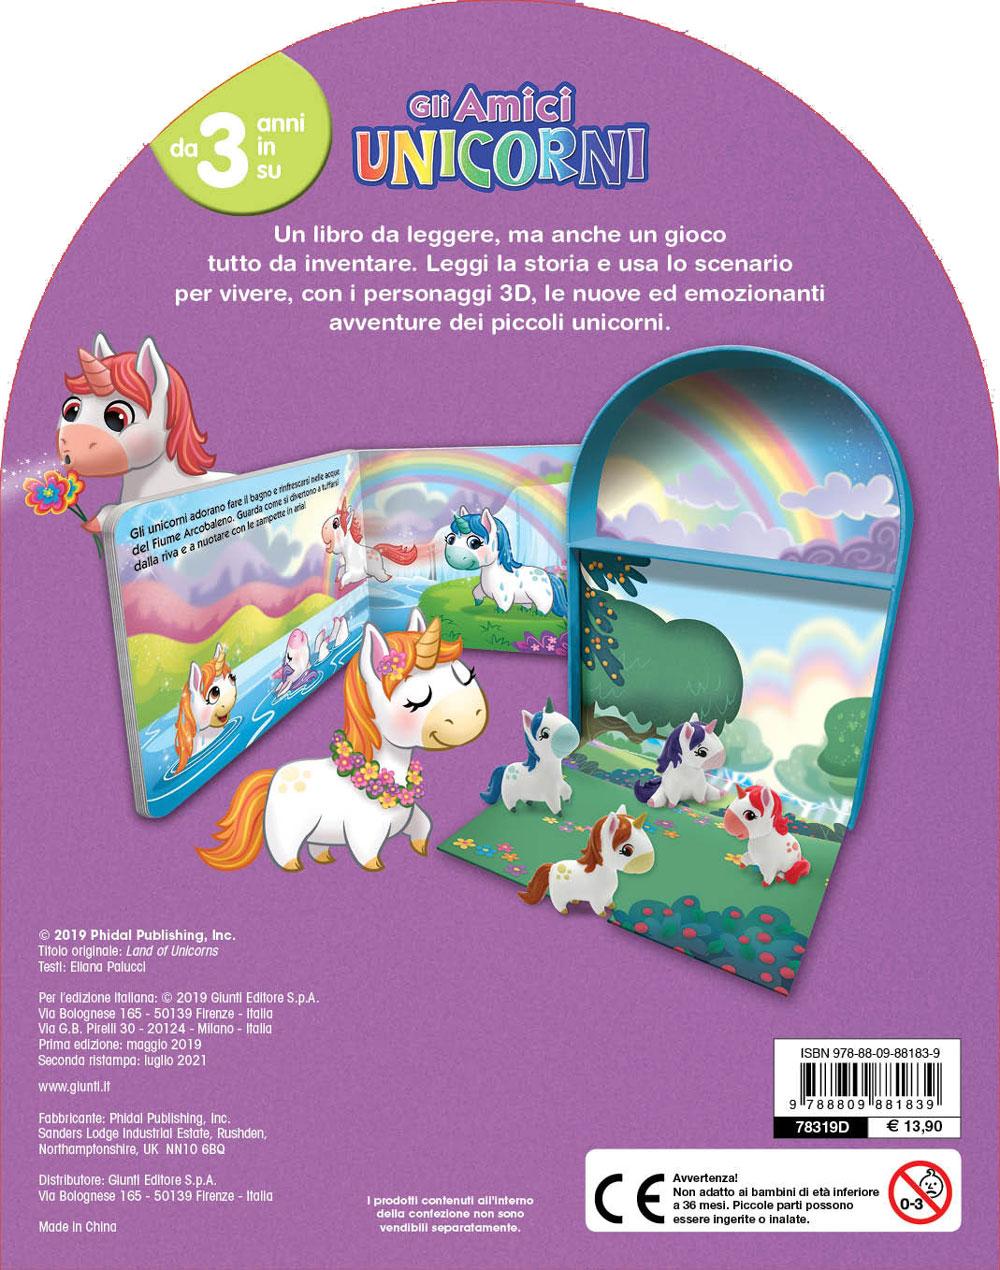 Gli amici Unicorni